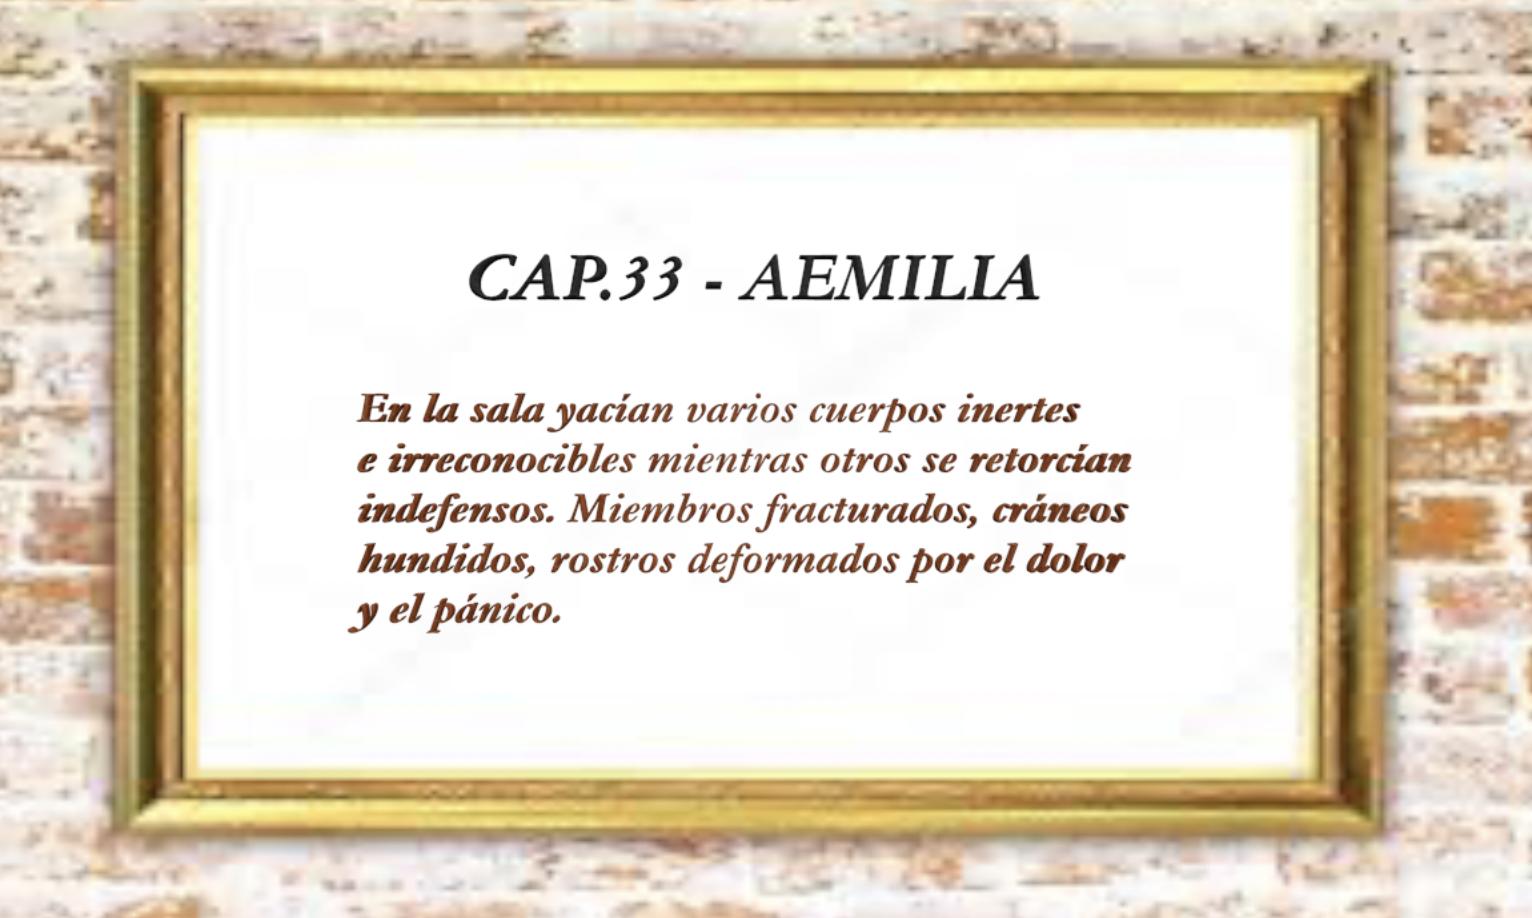 33 aemilia 1